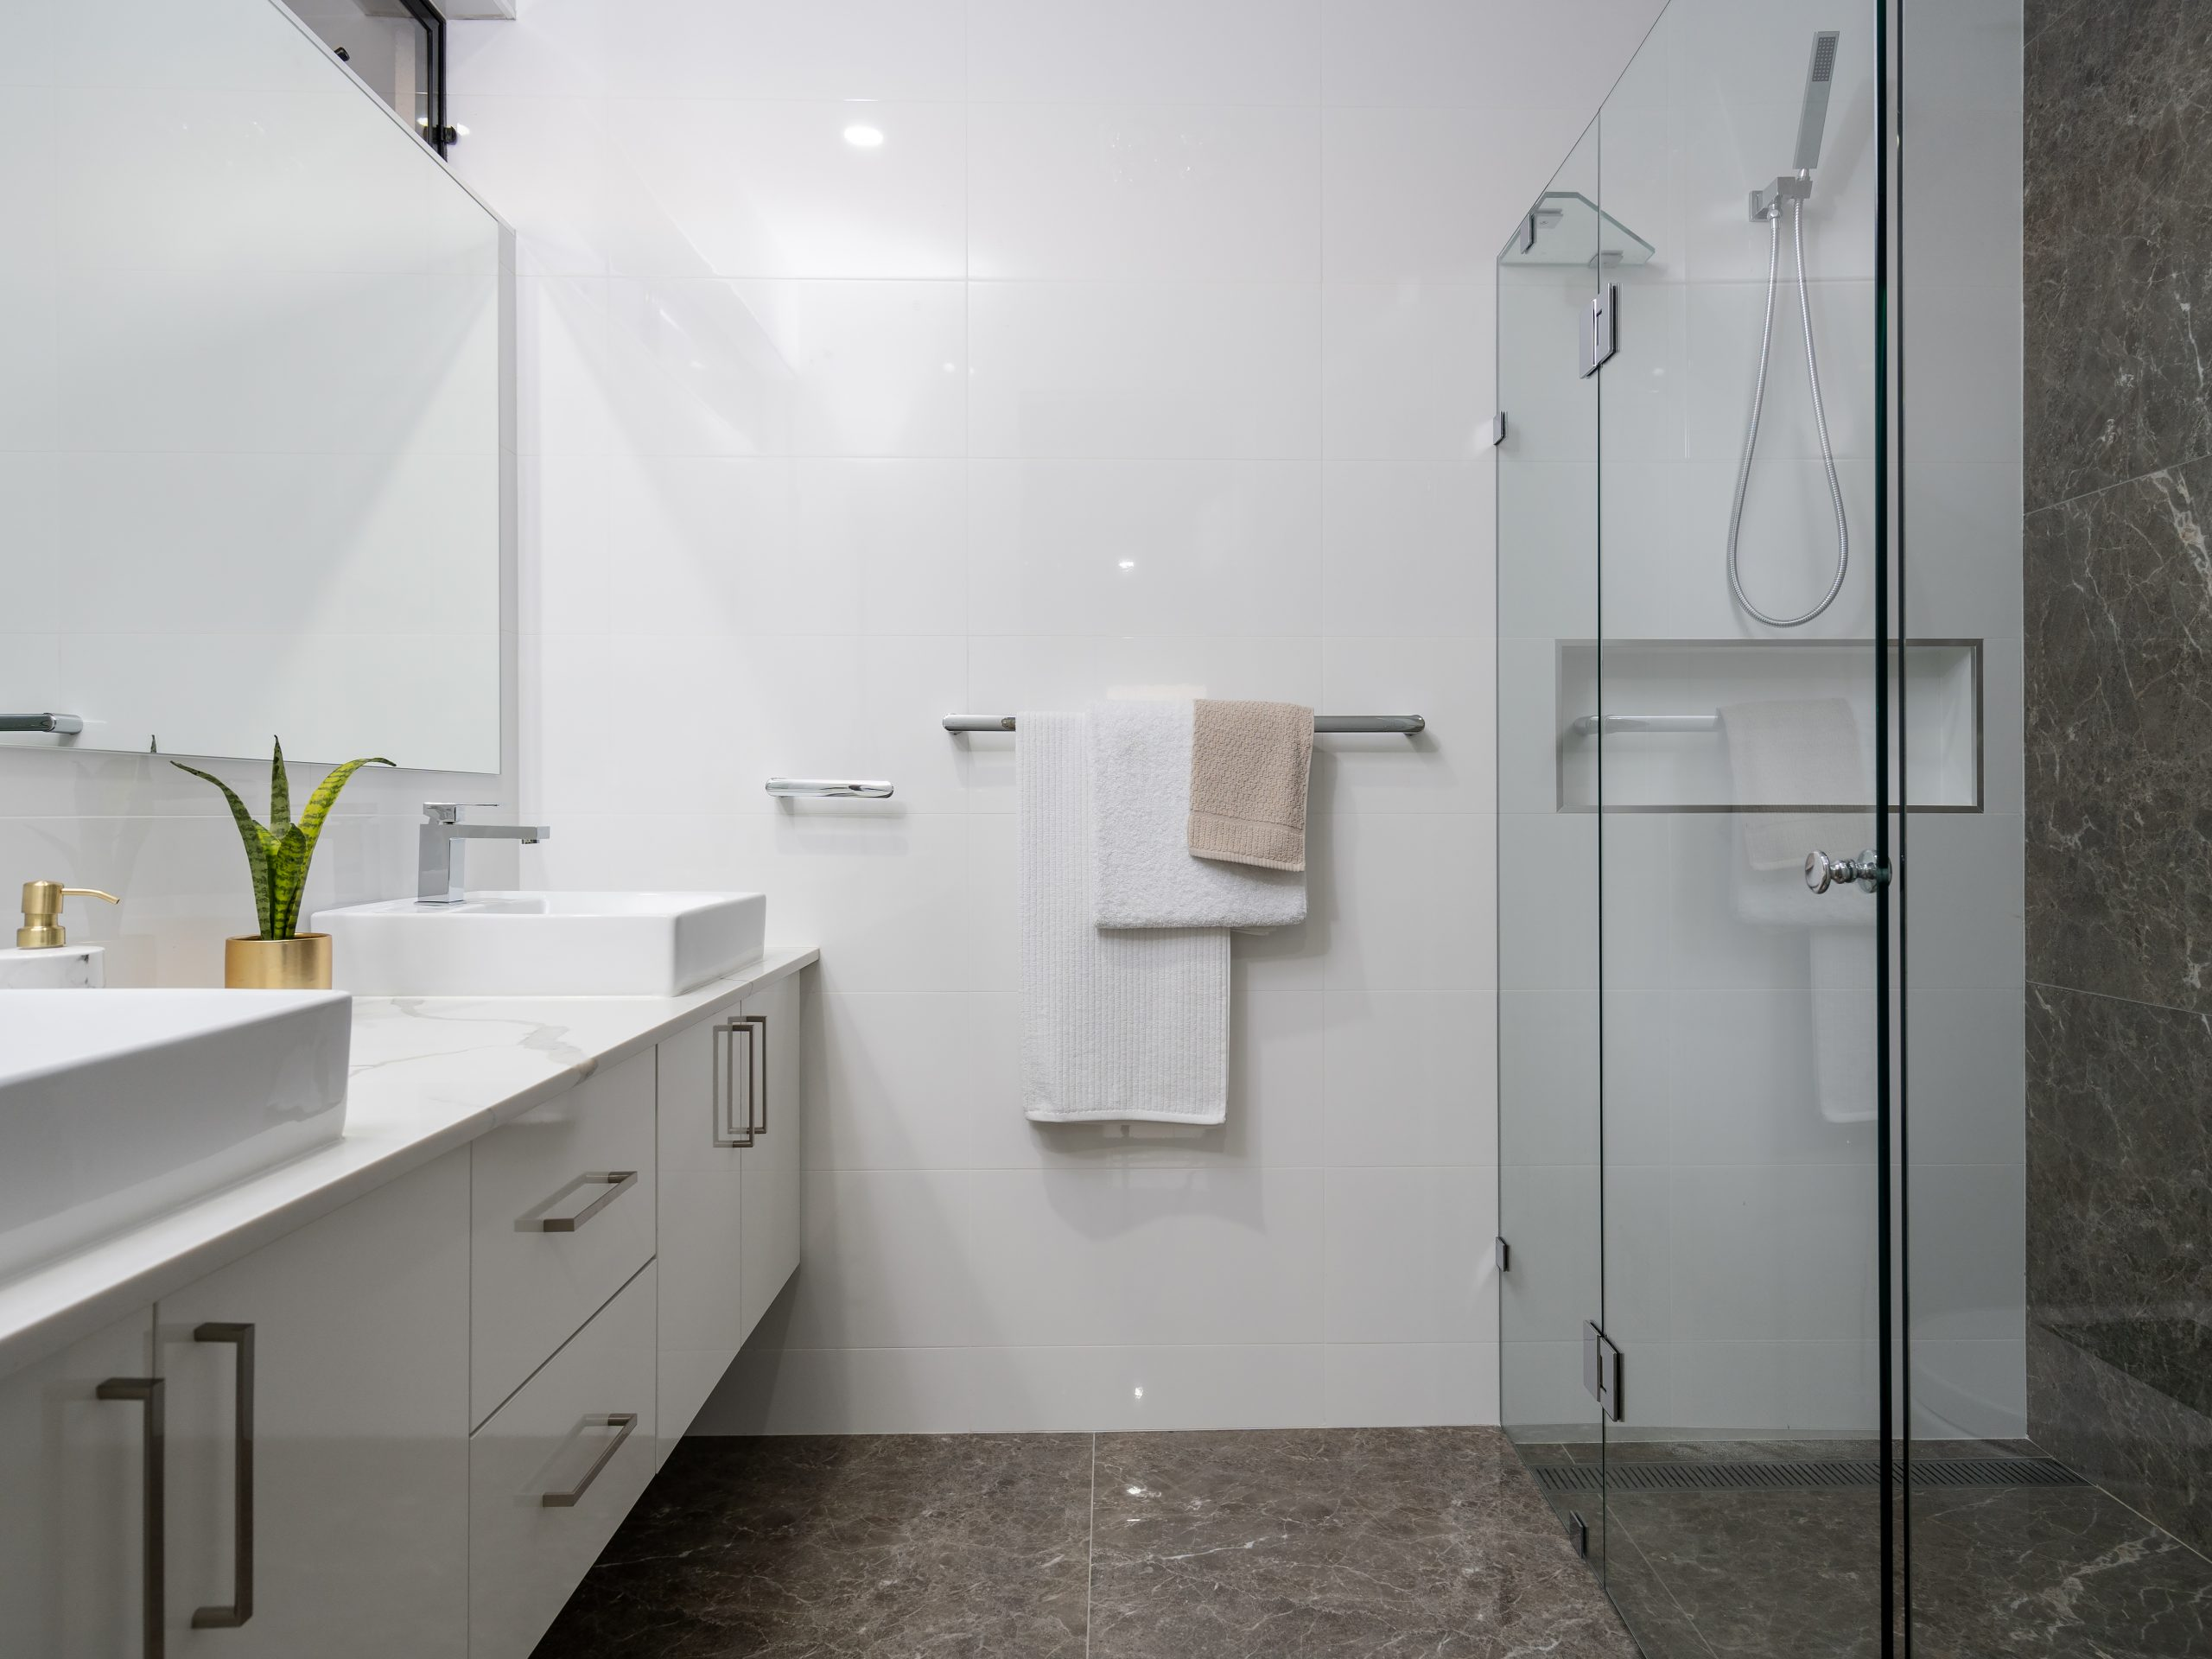 Hectorville - Pierson - HBC Homes Adelaide - _DSC2616-Edit